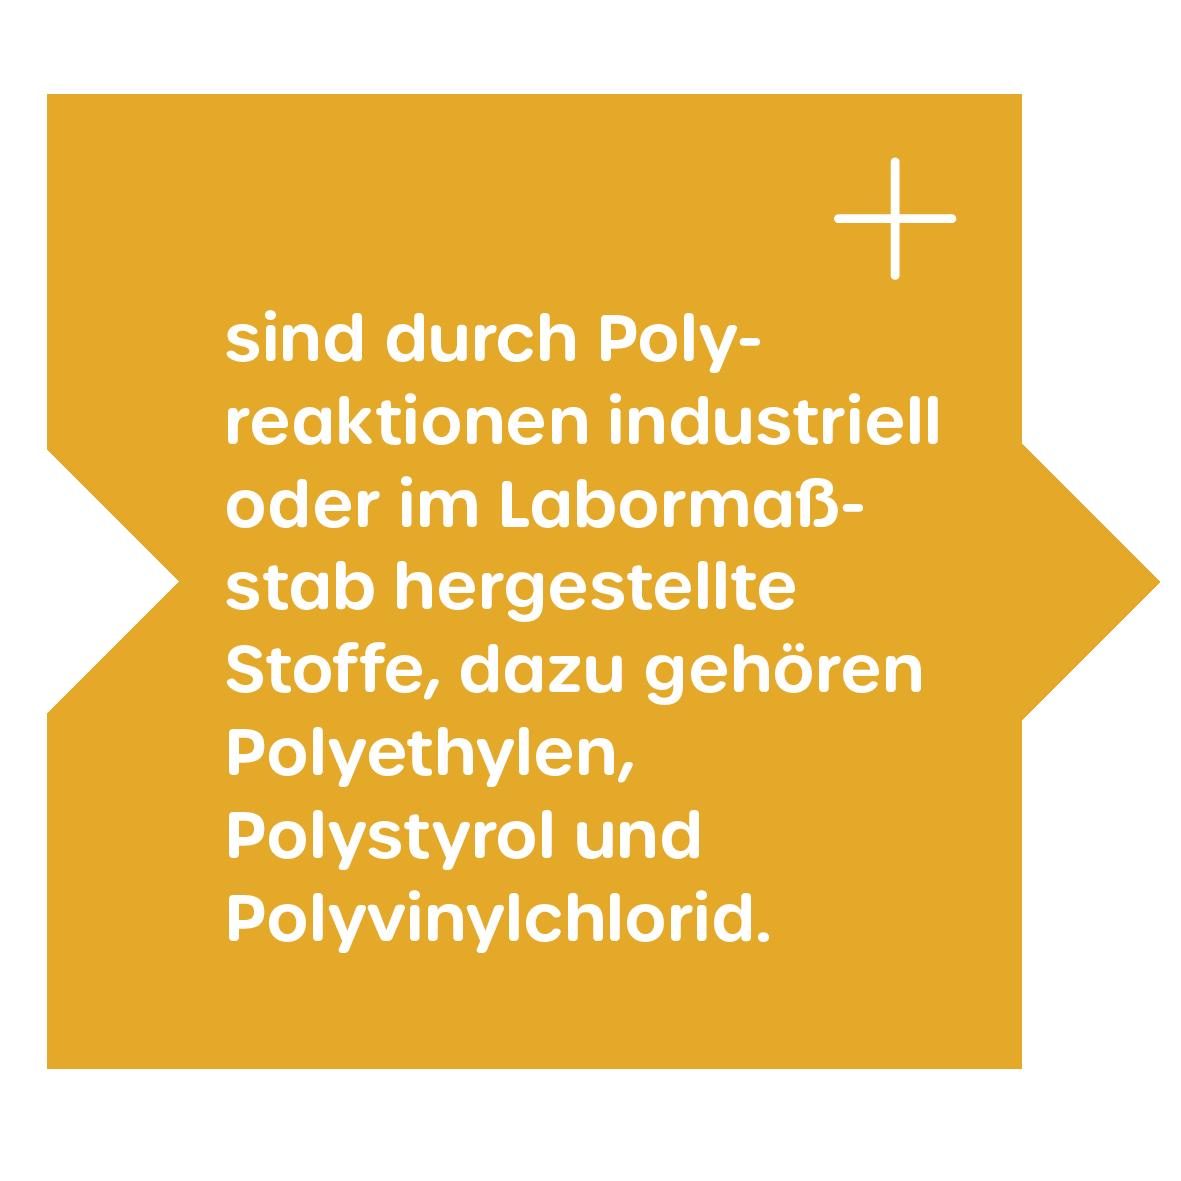 Kunststoffe sind aus Polyreaktionen entstanden